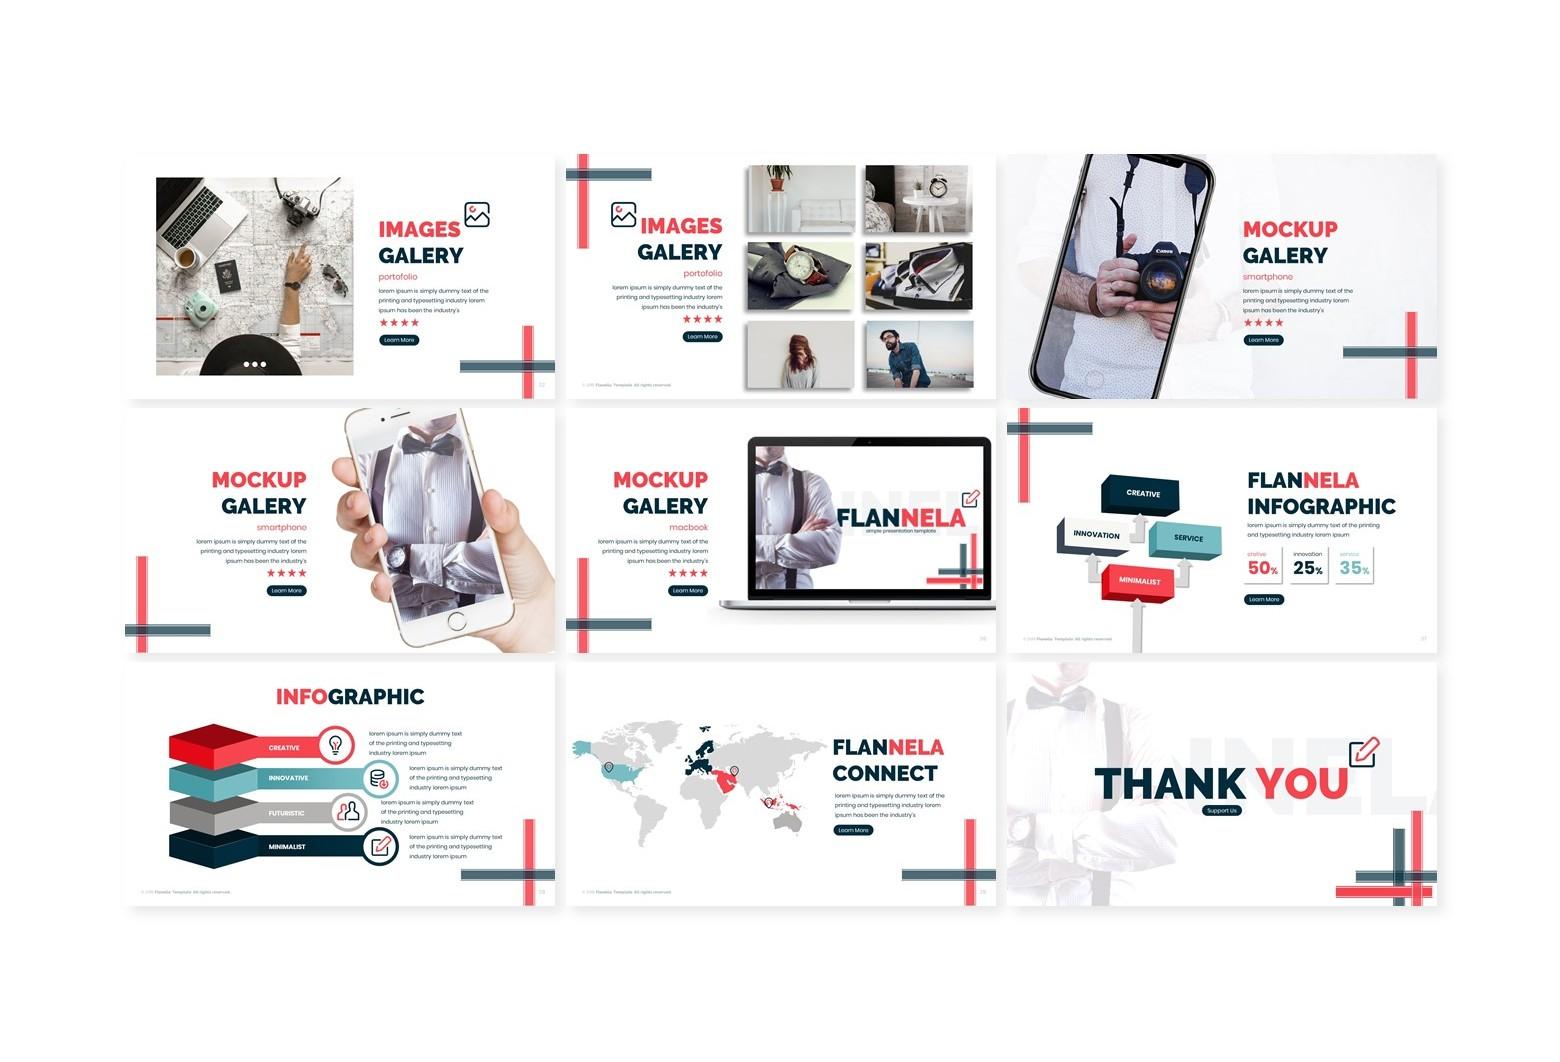 Flannela Google Slide Template - Slide3 46 -